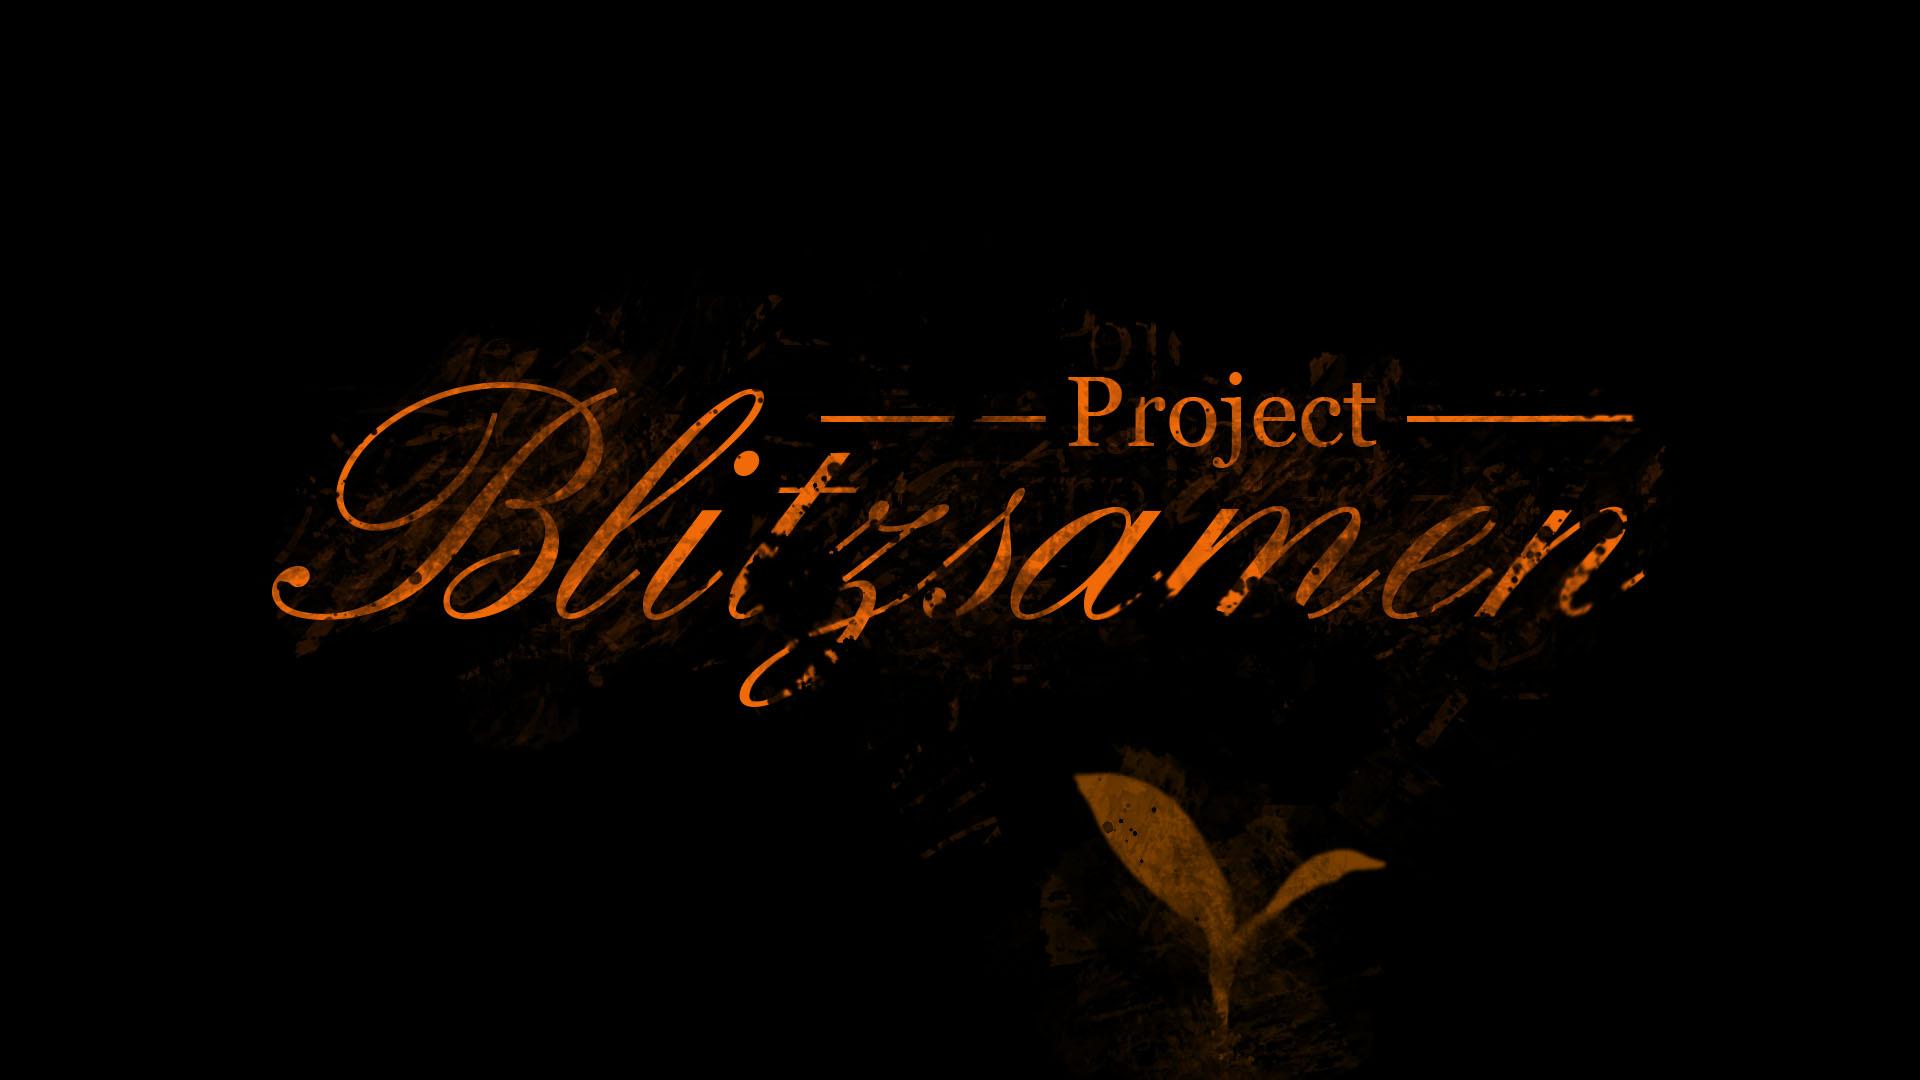 Project Blitzsamen